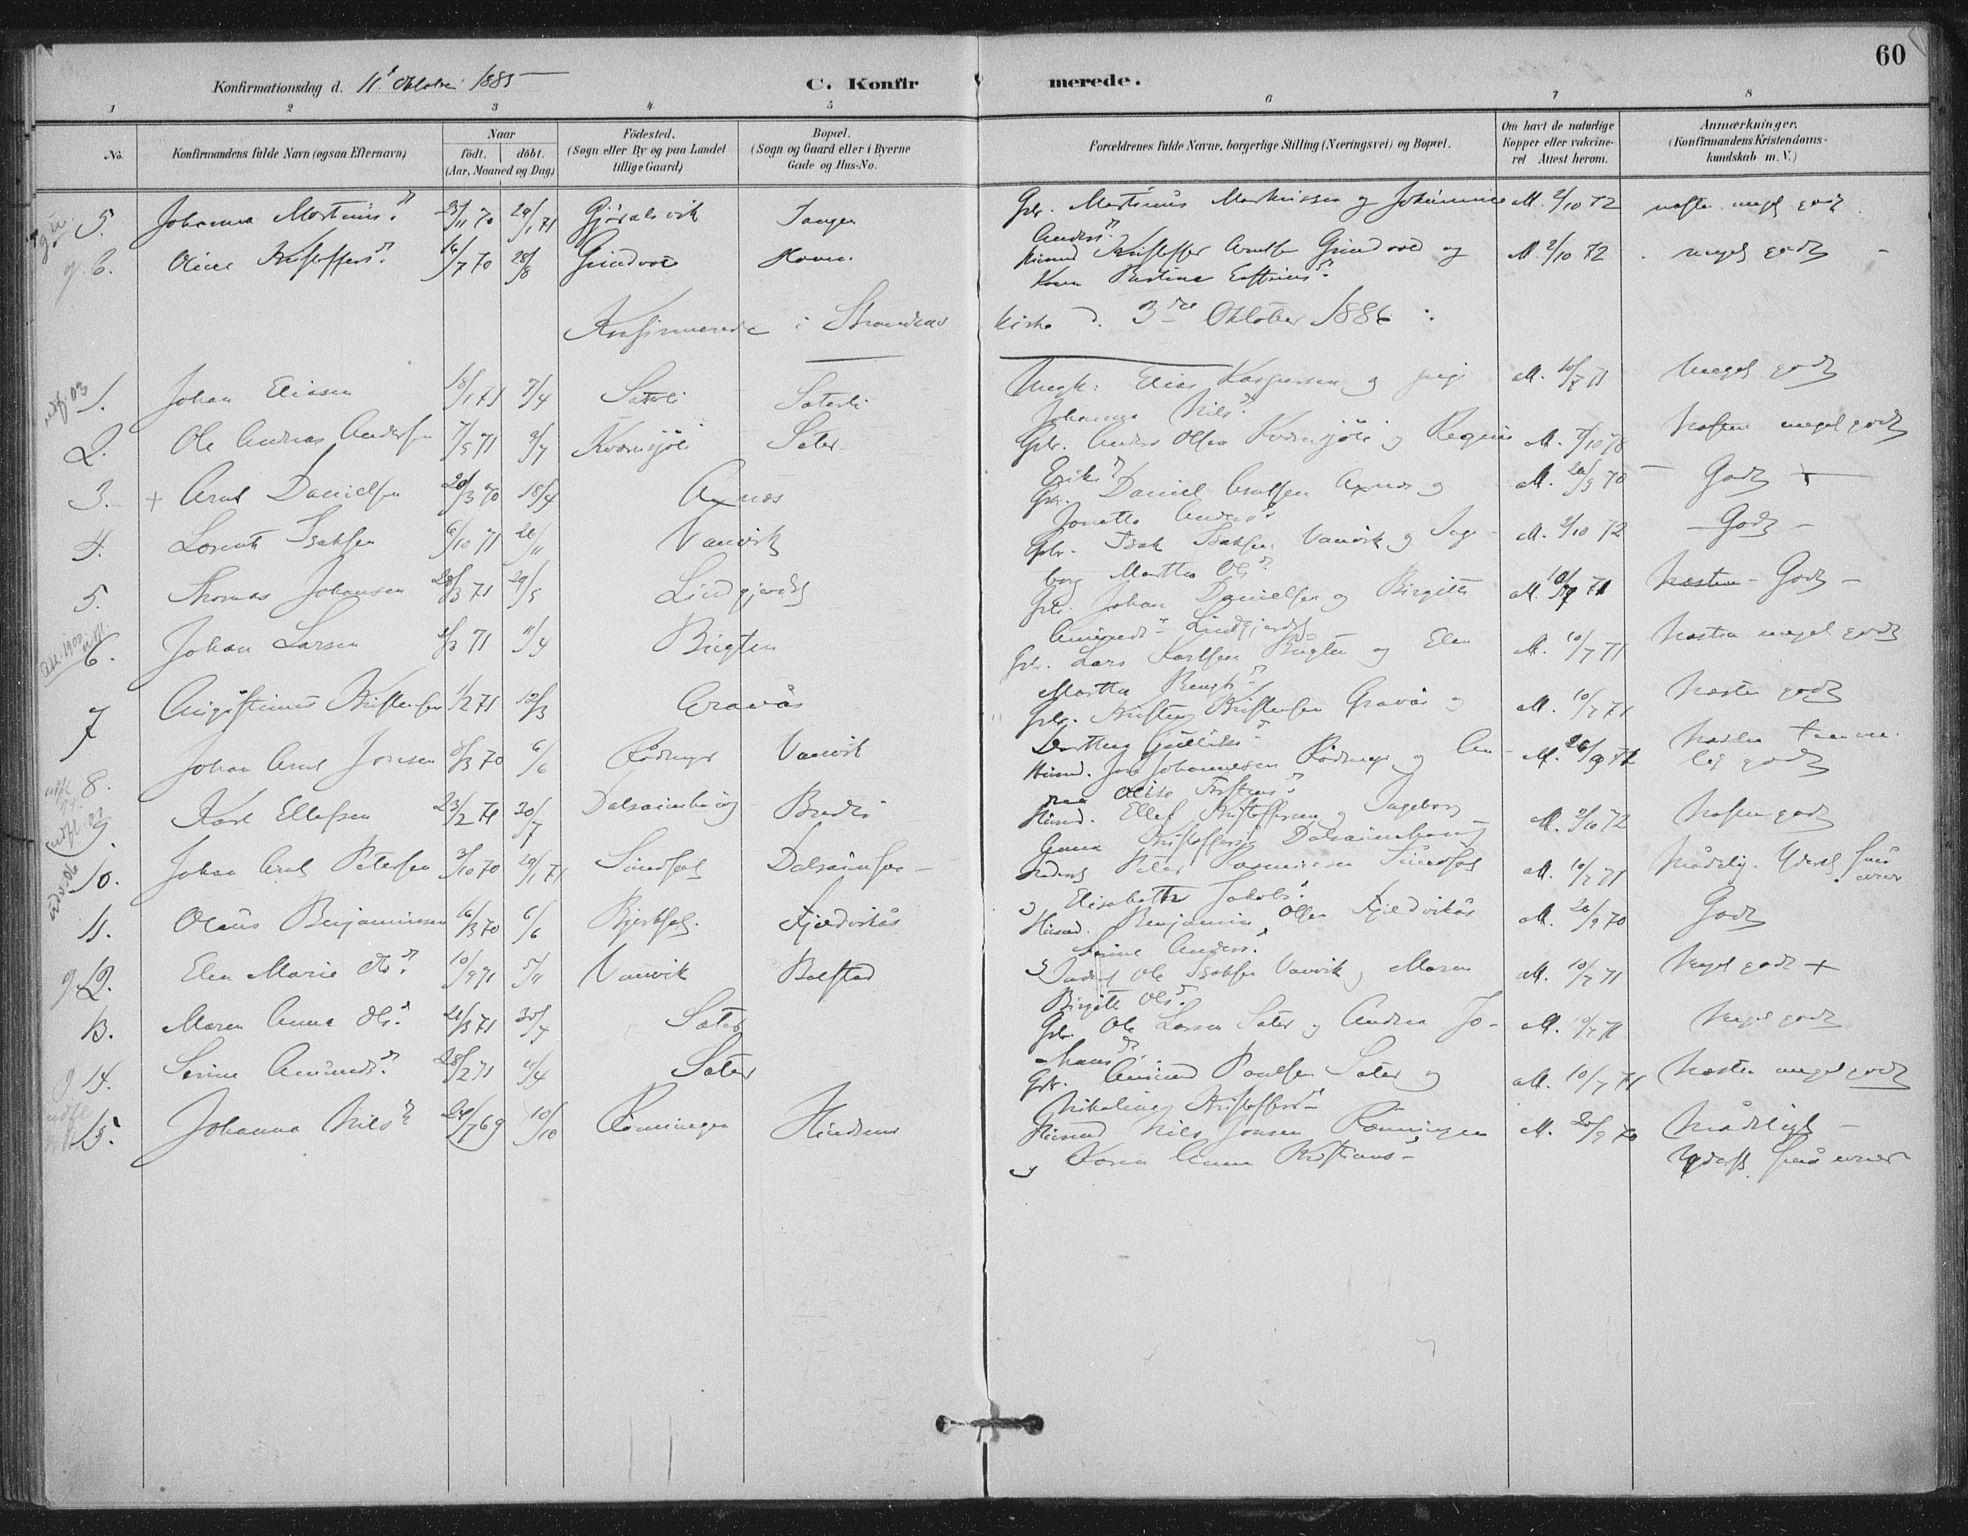 SAT, Ministerialprotokoller, klokkerbøker og fødselsregistre - Nord-Trøndelag, 702/L0023: Ministerialbok nr. 702A01, 1883-1897, s. 60